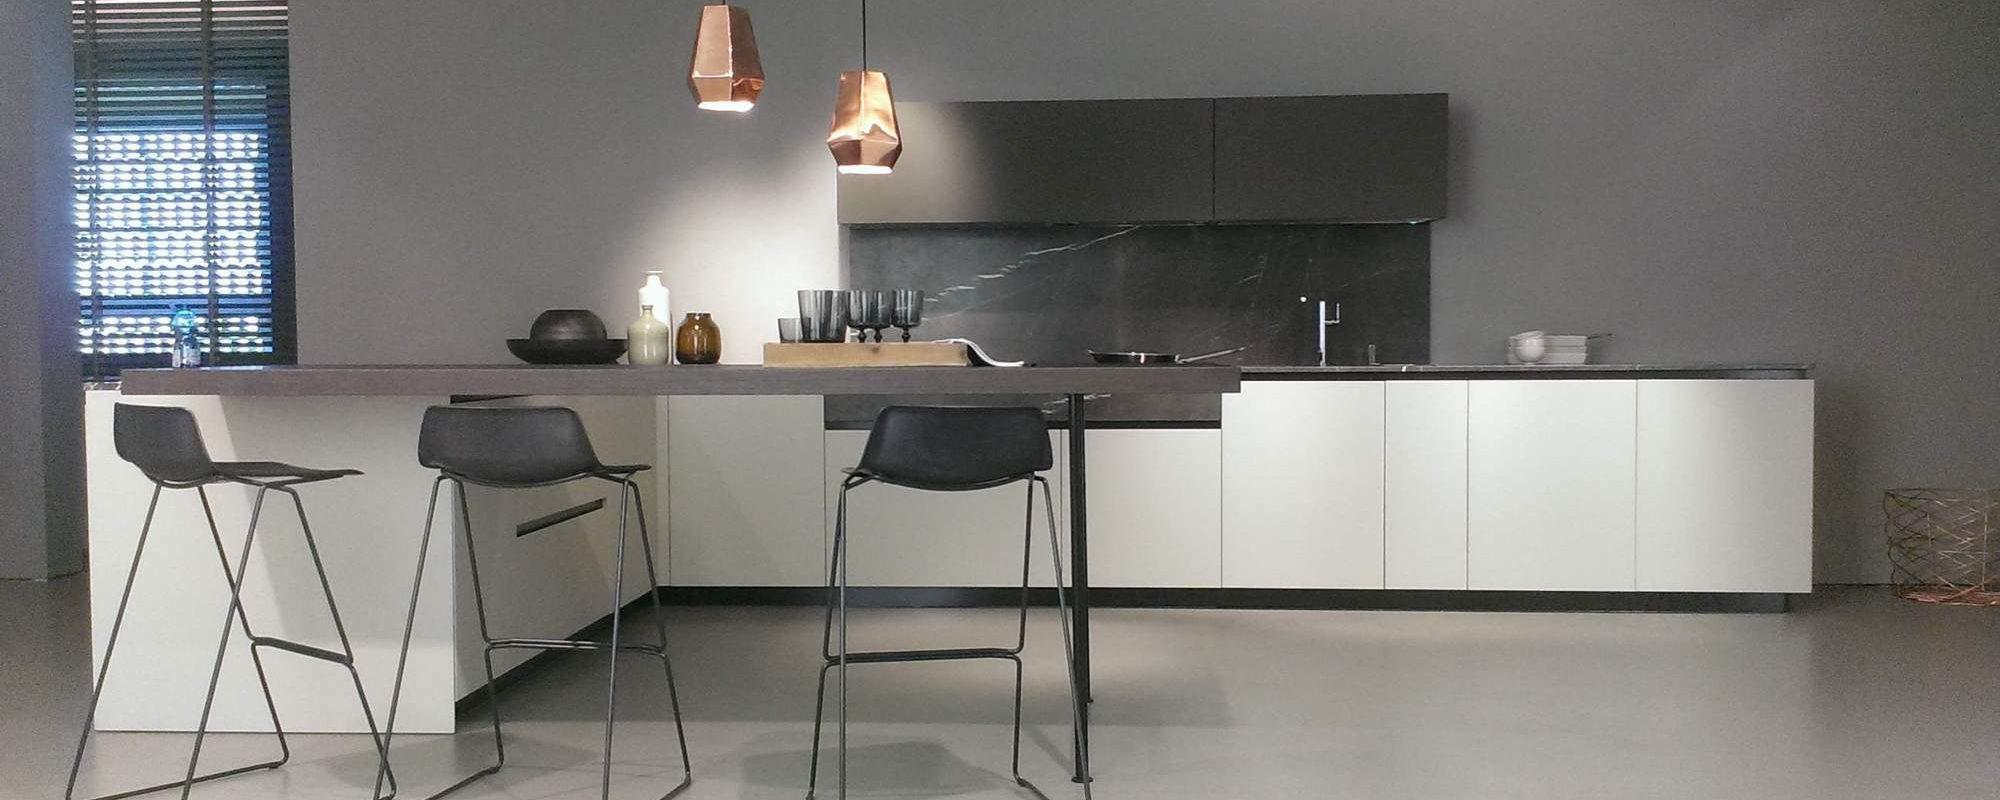 Doimo cucine e il nuovo modello materia teti arredamenti for Arredamenti 2000